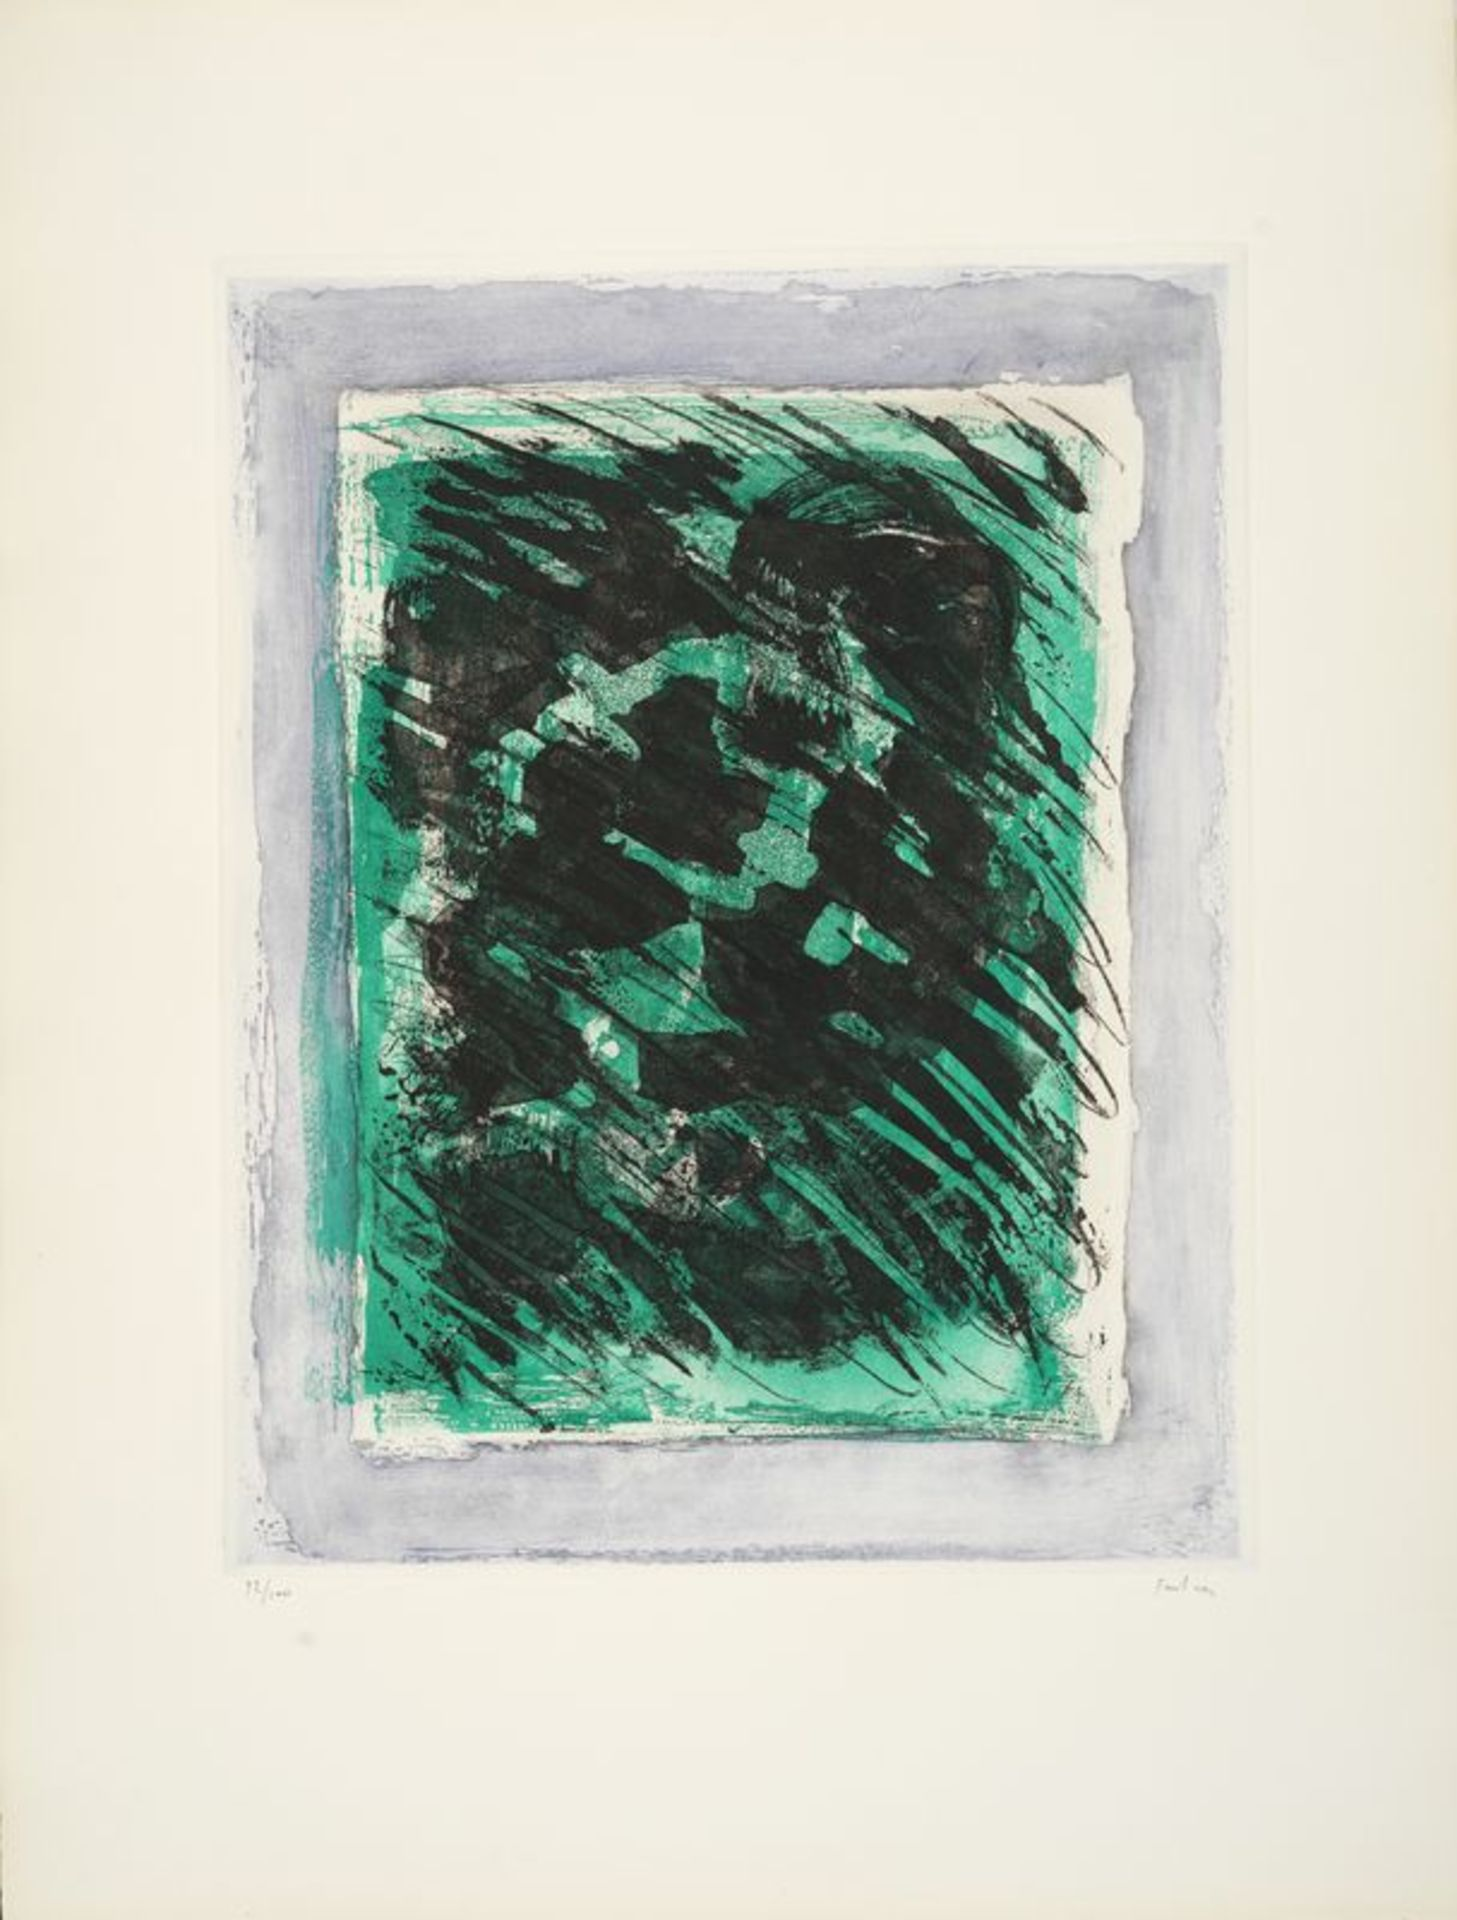 Los 20 - Jean FAUTRIER (1898-1964) - La forêt, 1964 - Aquatinte et lavis sur vélin d'Arches, [...]